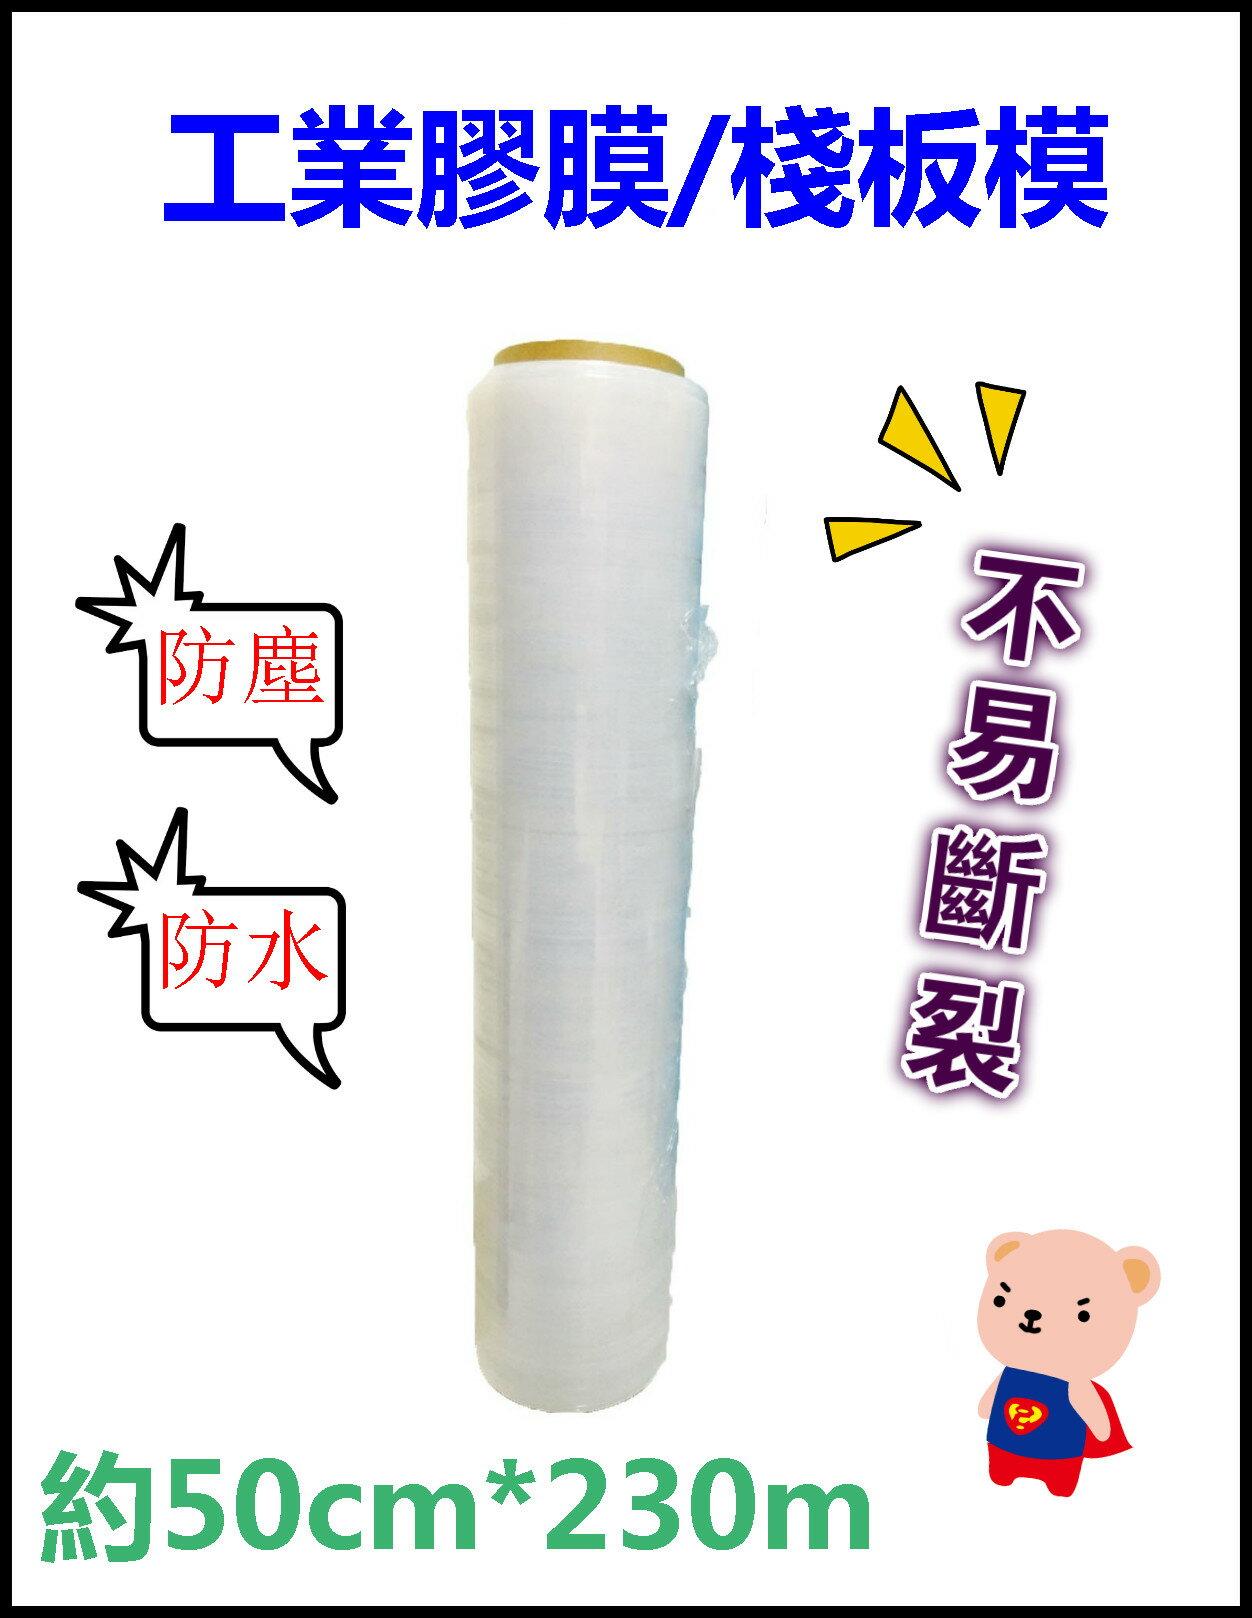 膠膜 約50cm*230m一箱 工業膠膜 棧板模/棧板膜/膠帶/透明膠帶/膠膜/PE膜/膠帶/包裝 1710